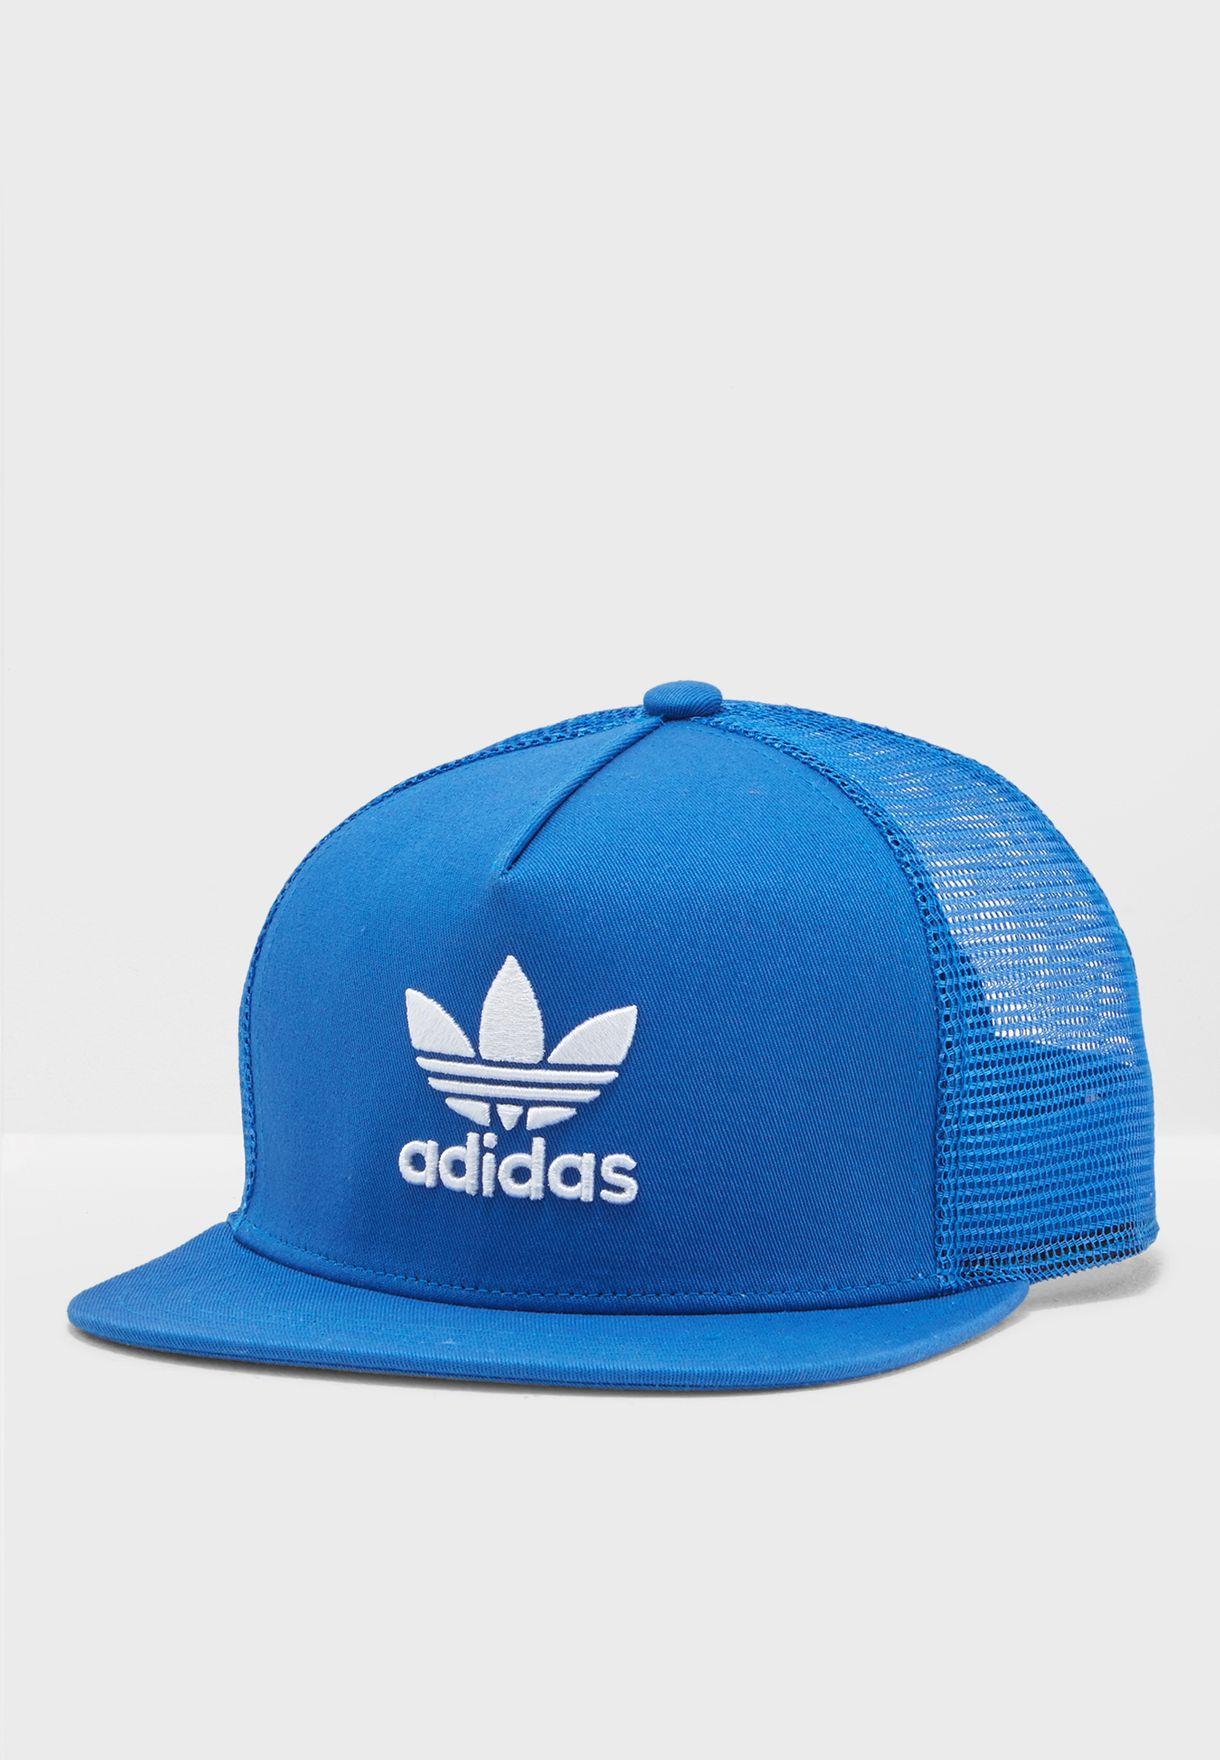 e6d2ea3d004 Shop adidas Originals blue Trefoil Trucker Cap DM7642 for Men in ...